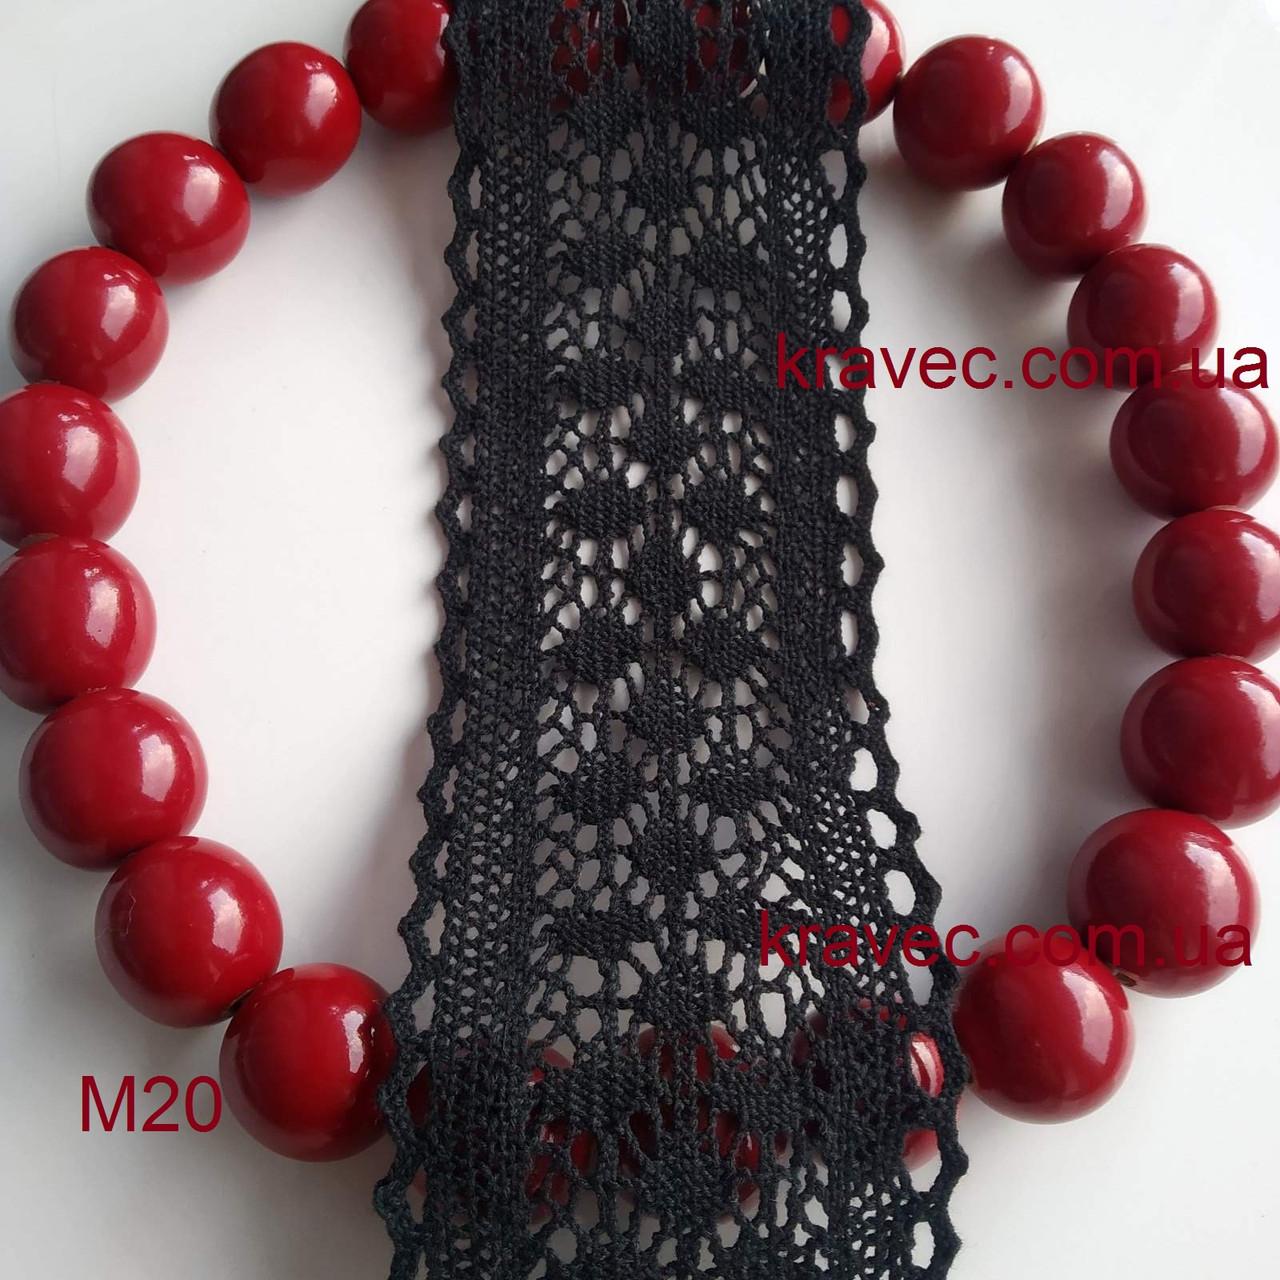 Мереживо бавовна, ширина 6 см колір чорний